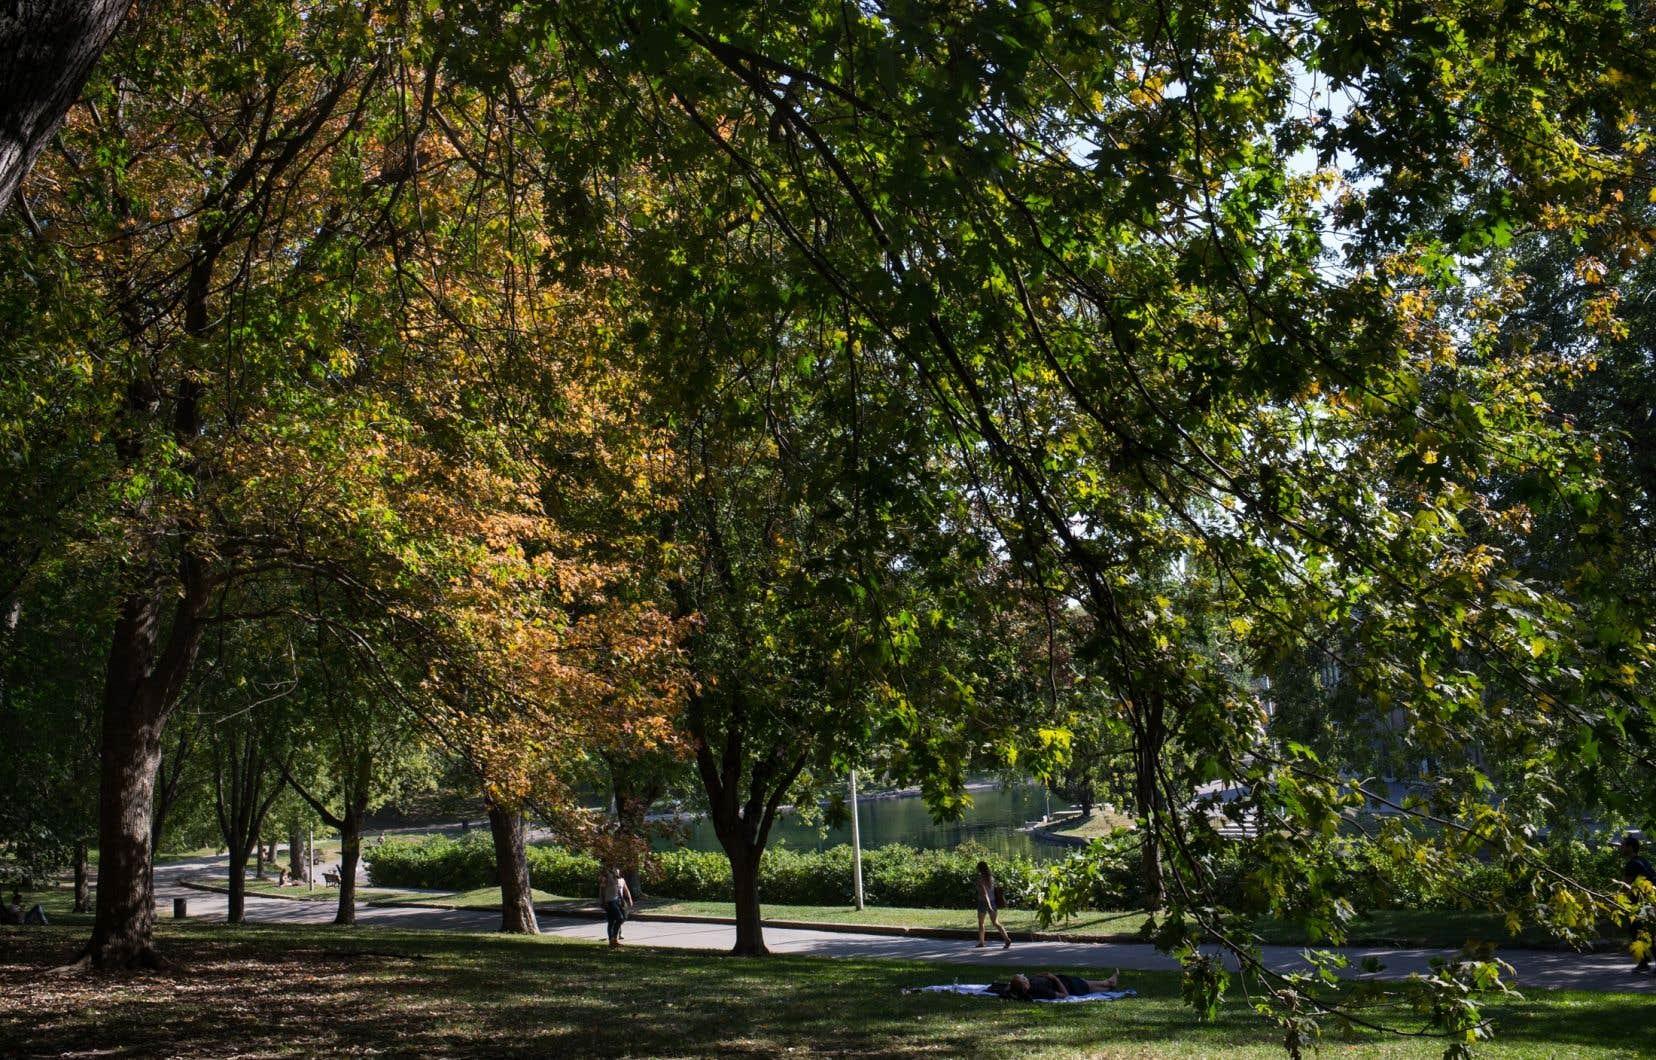 Les bassins et la fontaine, au coeur de ce parc emblématique de la métropole, seront rénovés.